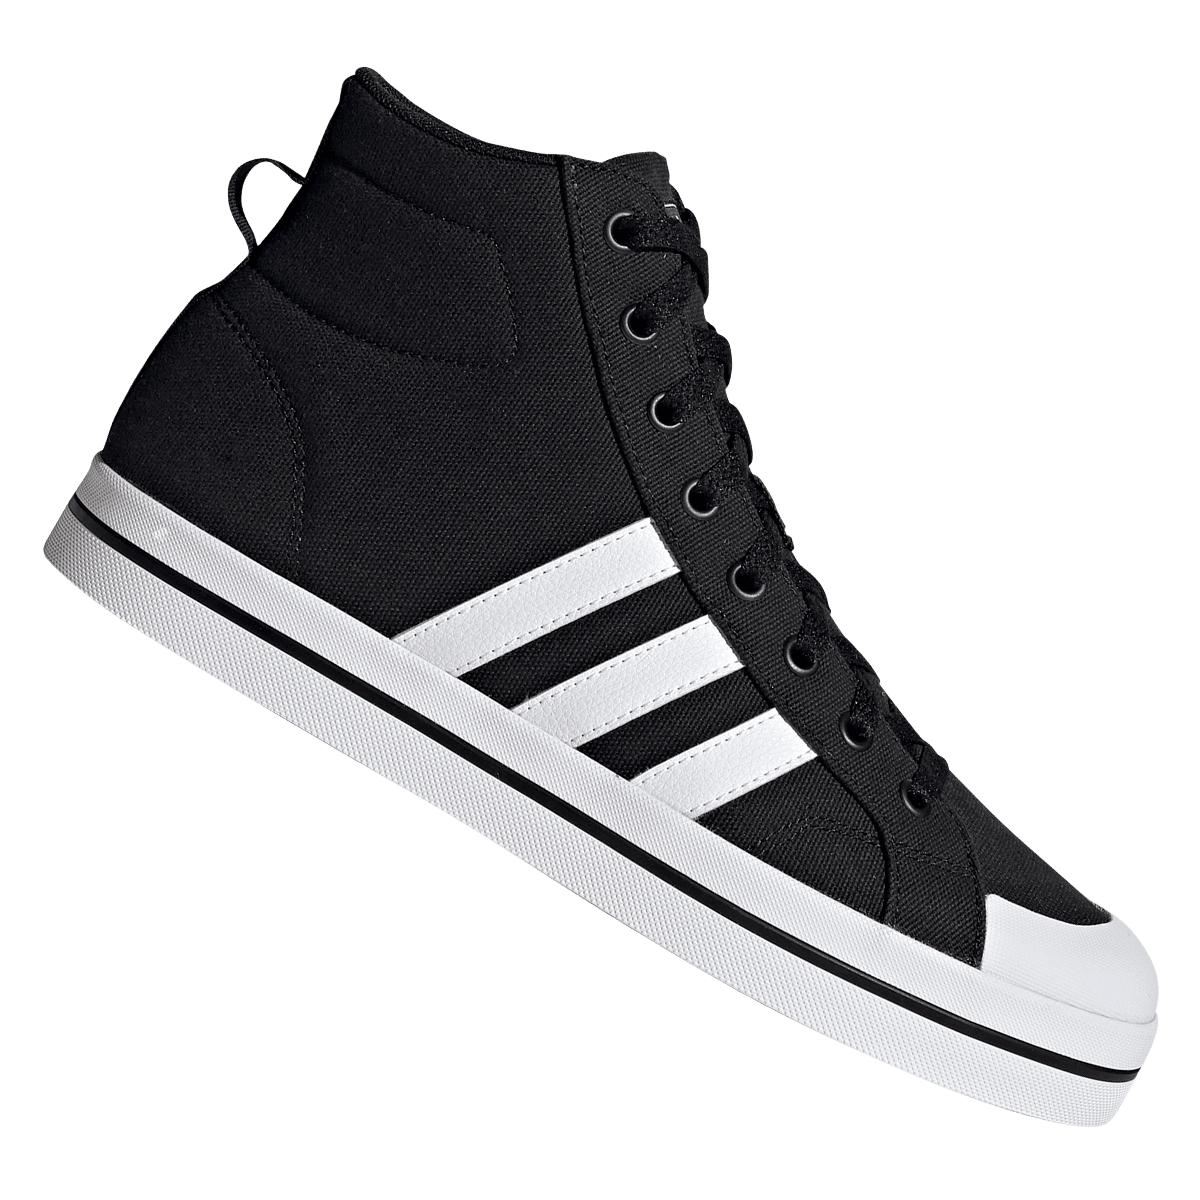 adidas Sneakers Bravada Mid schwarz/weiß (Größen 40 2/3 bis 47 1/3)